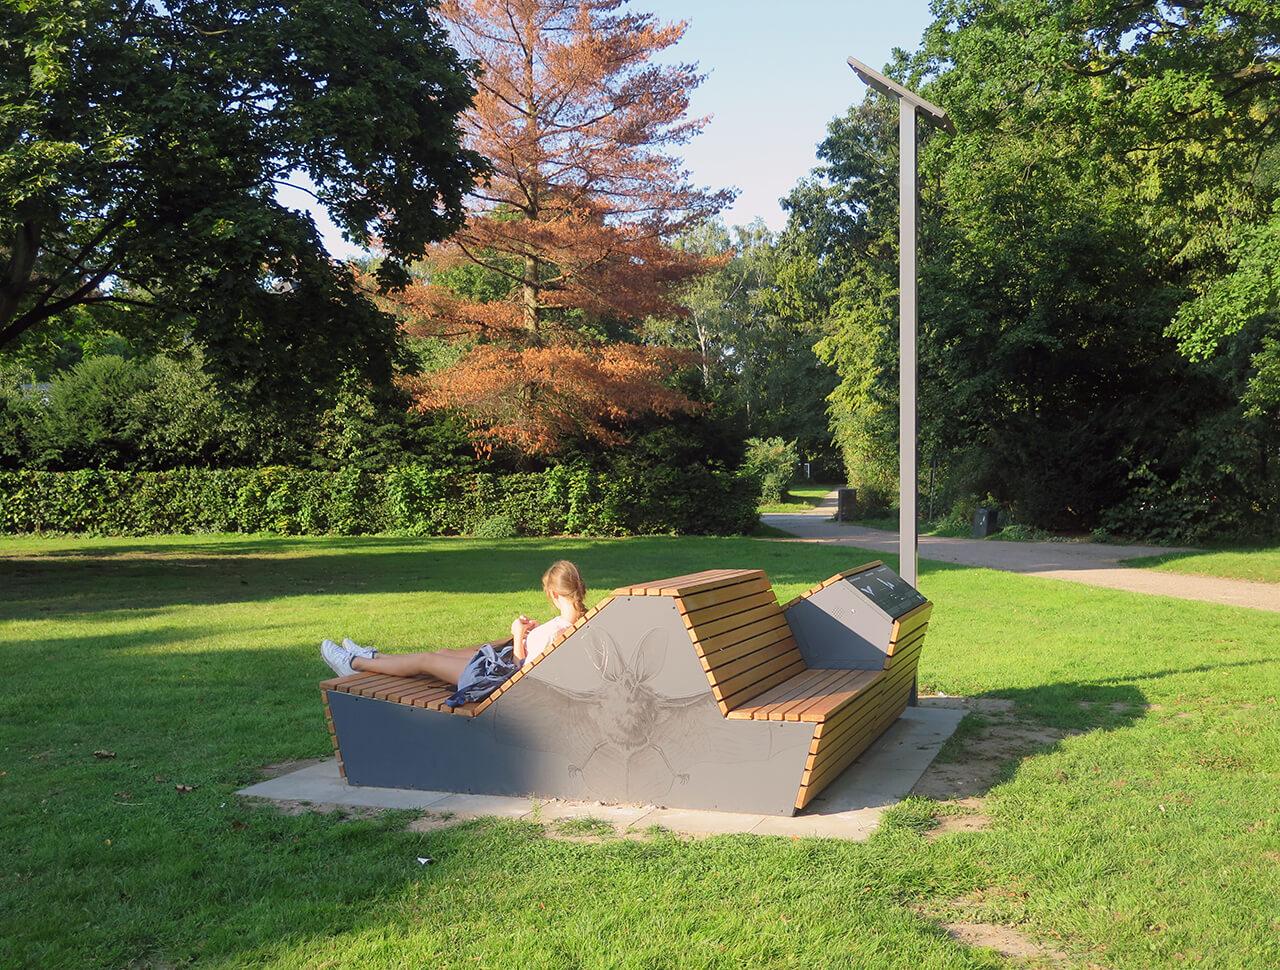 AAD-Thoerls-Park-Hamburg-Abb_14-Photo-by-Thomas-E.-Hauck